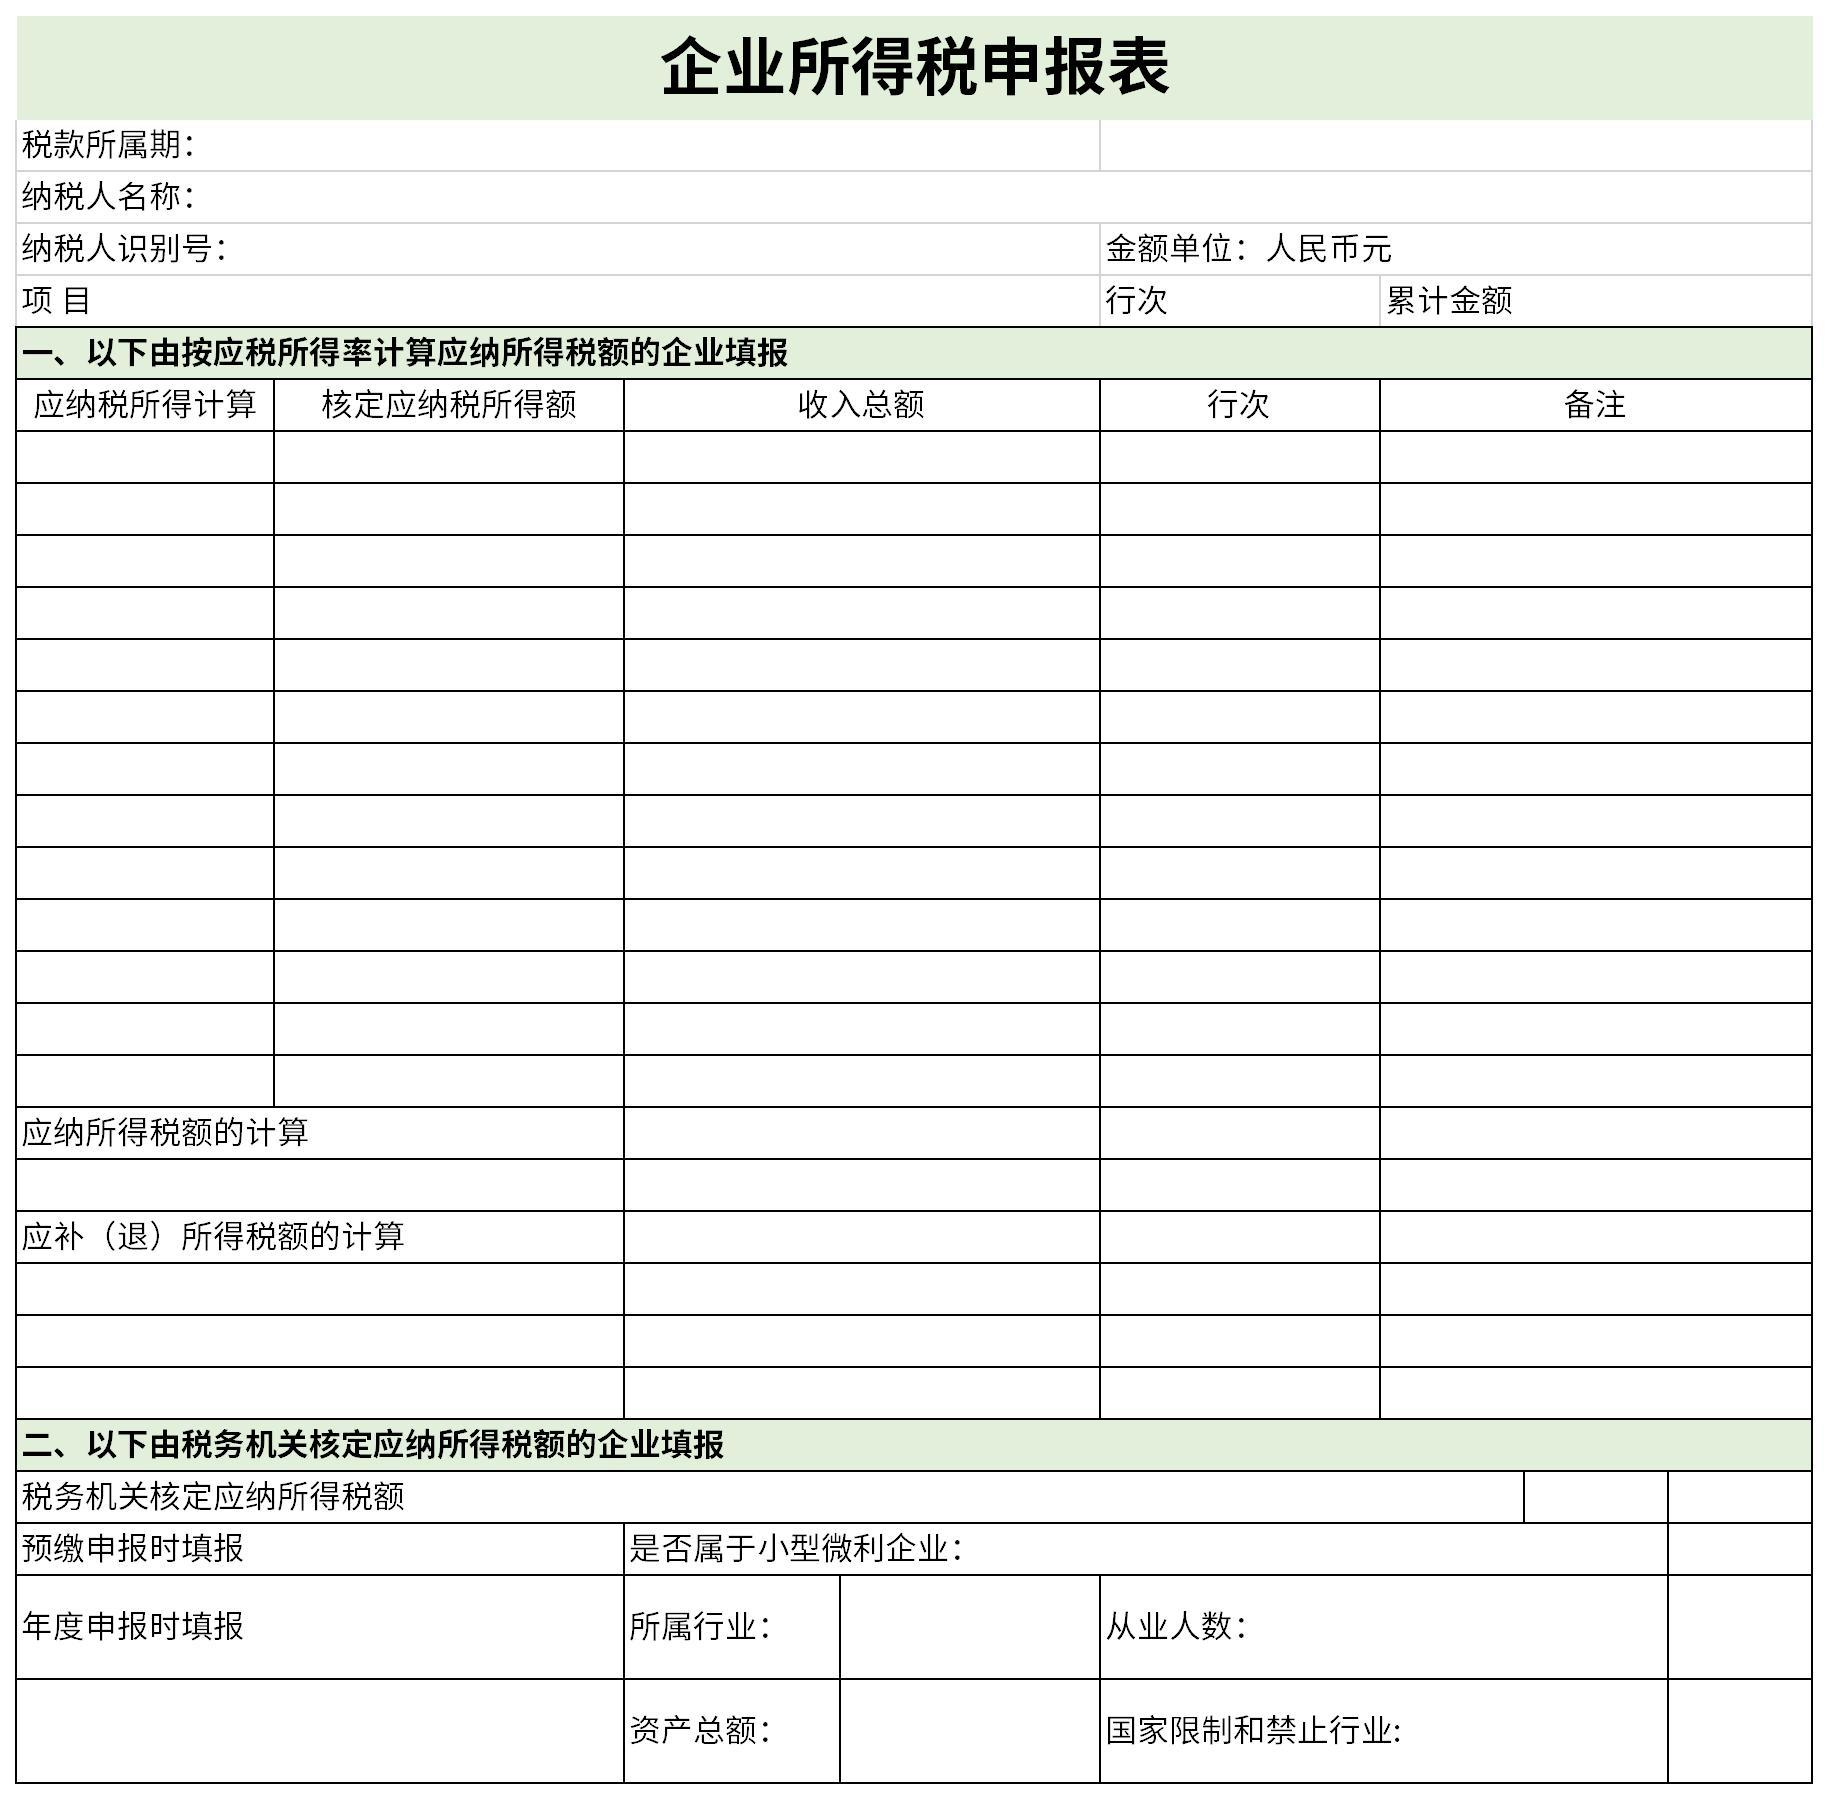 企业所得税季度申报表截图